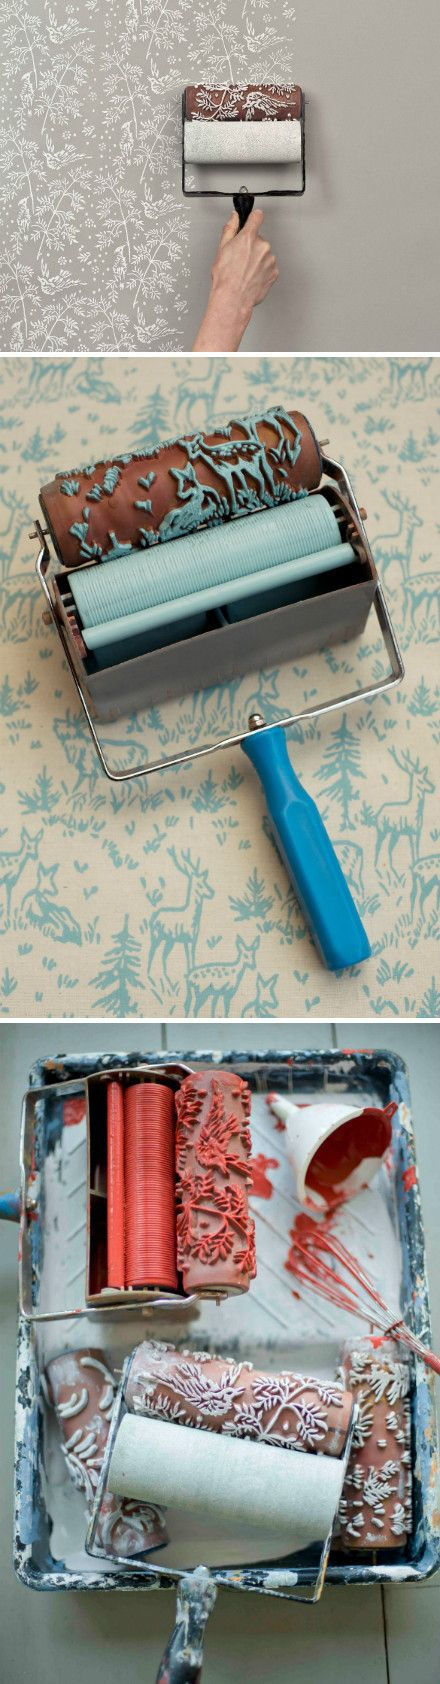 Krečenje na starinski način je opet u modi - Creative paint roller design